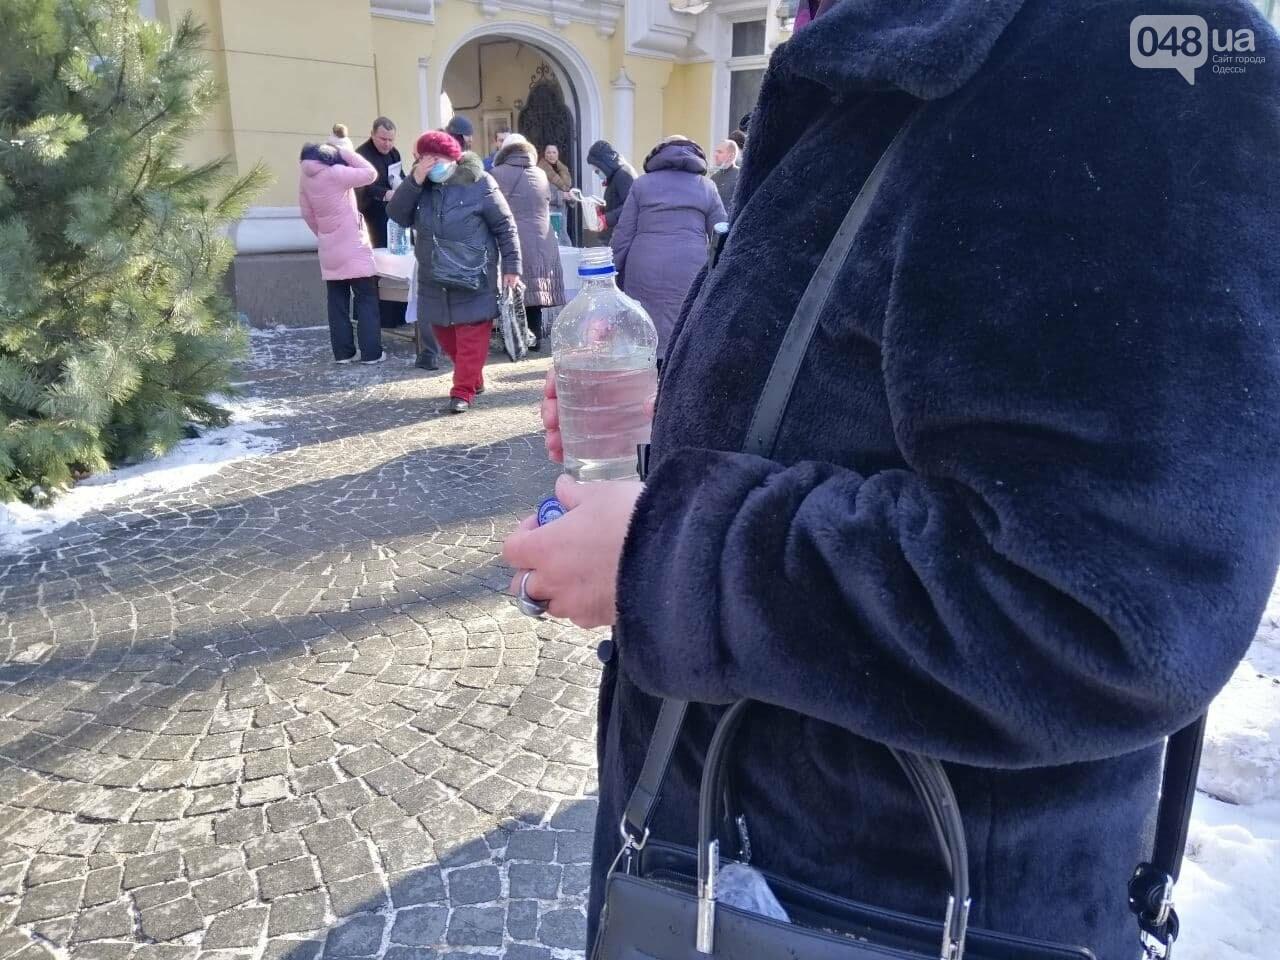 Крещение в Одессе: во всех храмах святили воду,- ФОТОРЕПОРТАЖ, фото-11